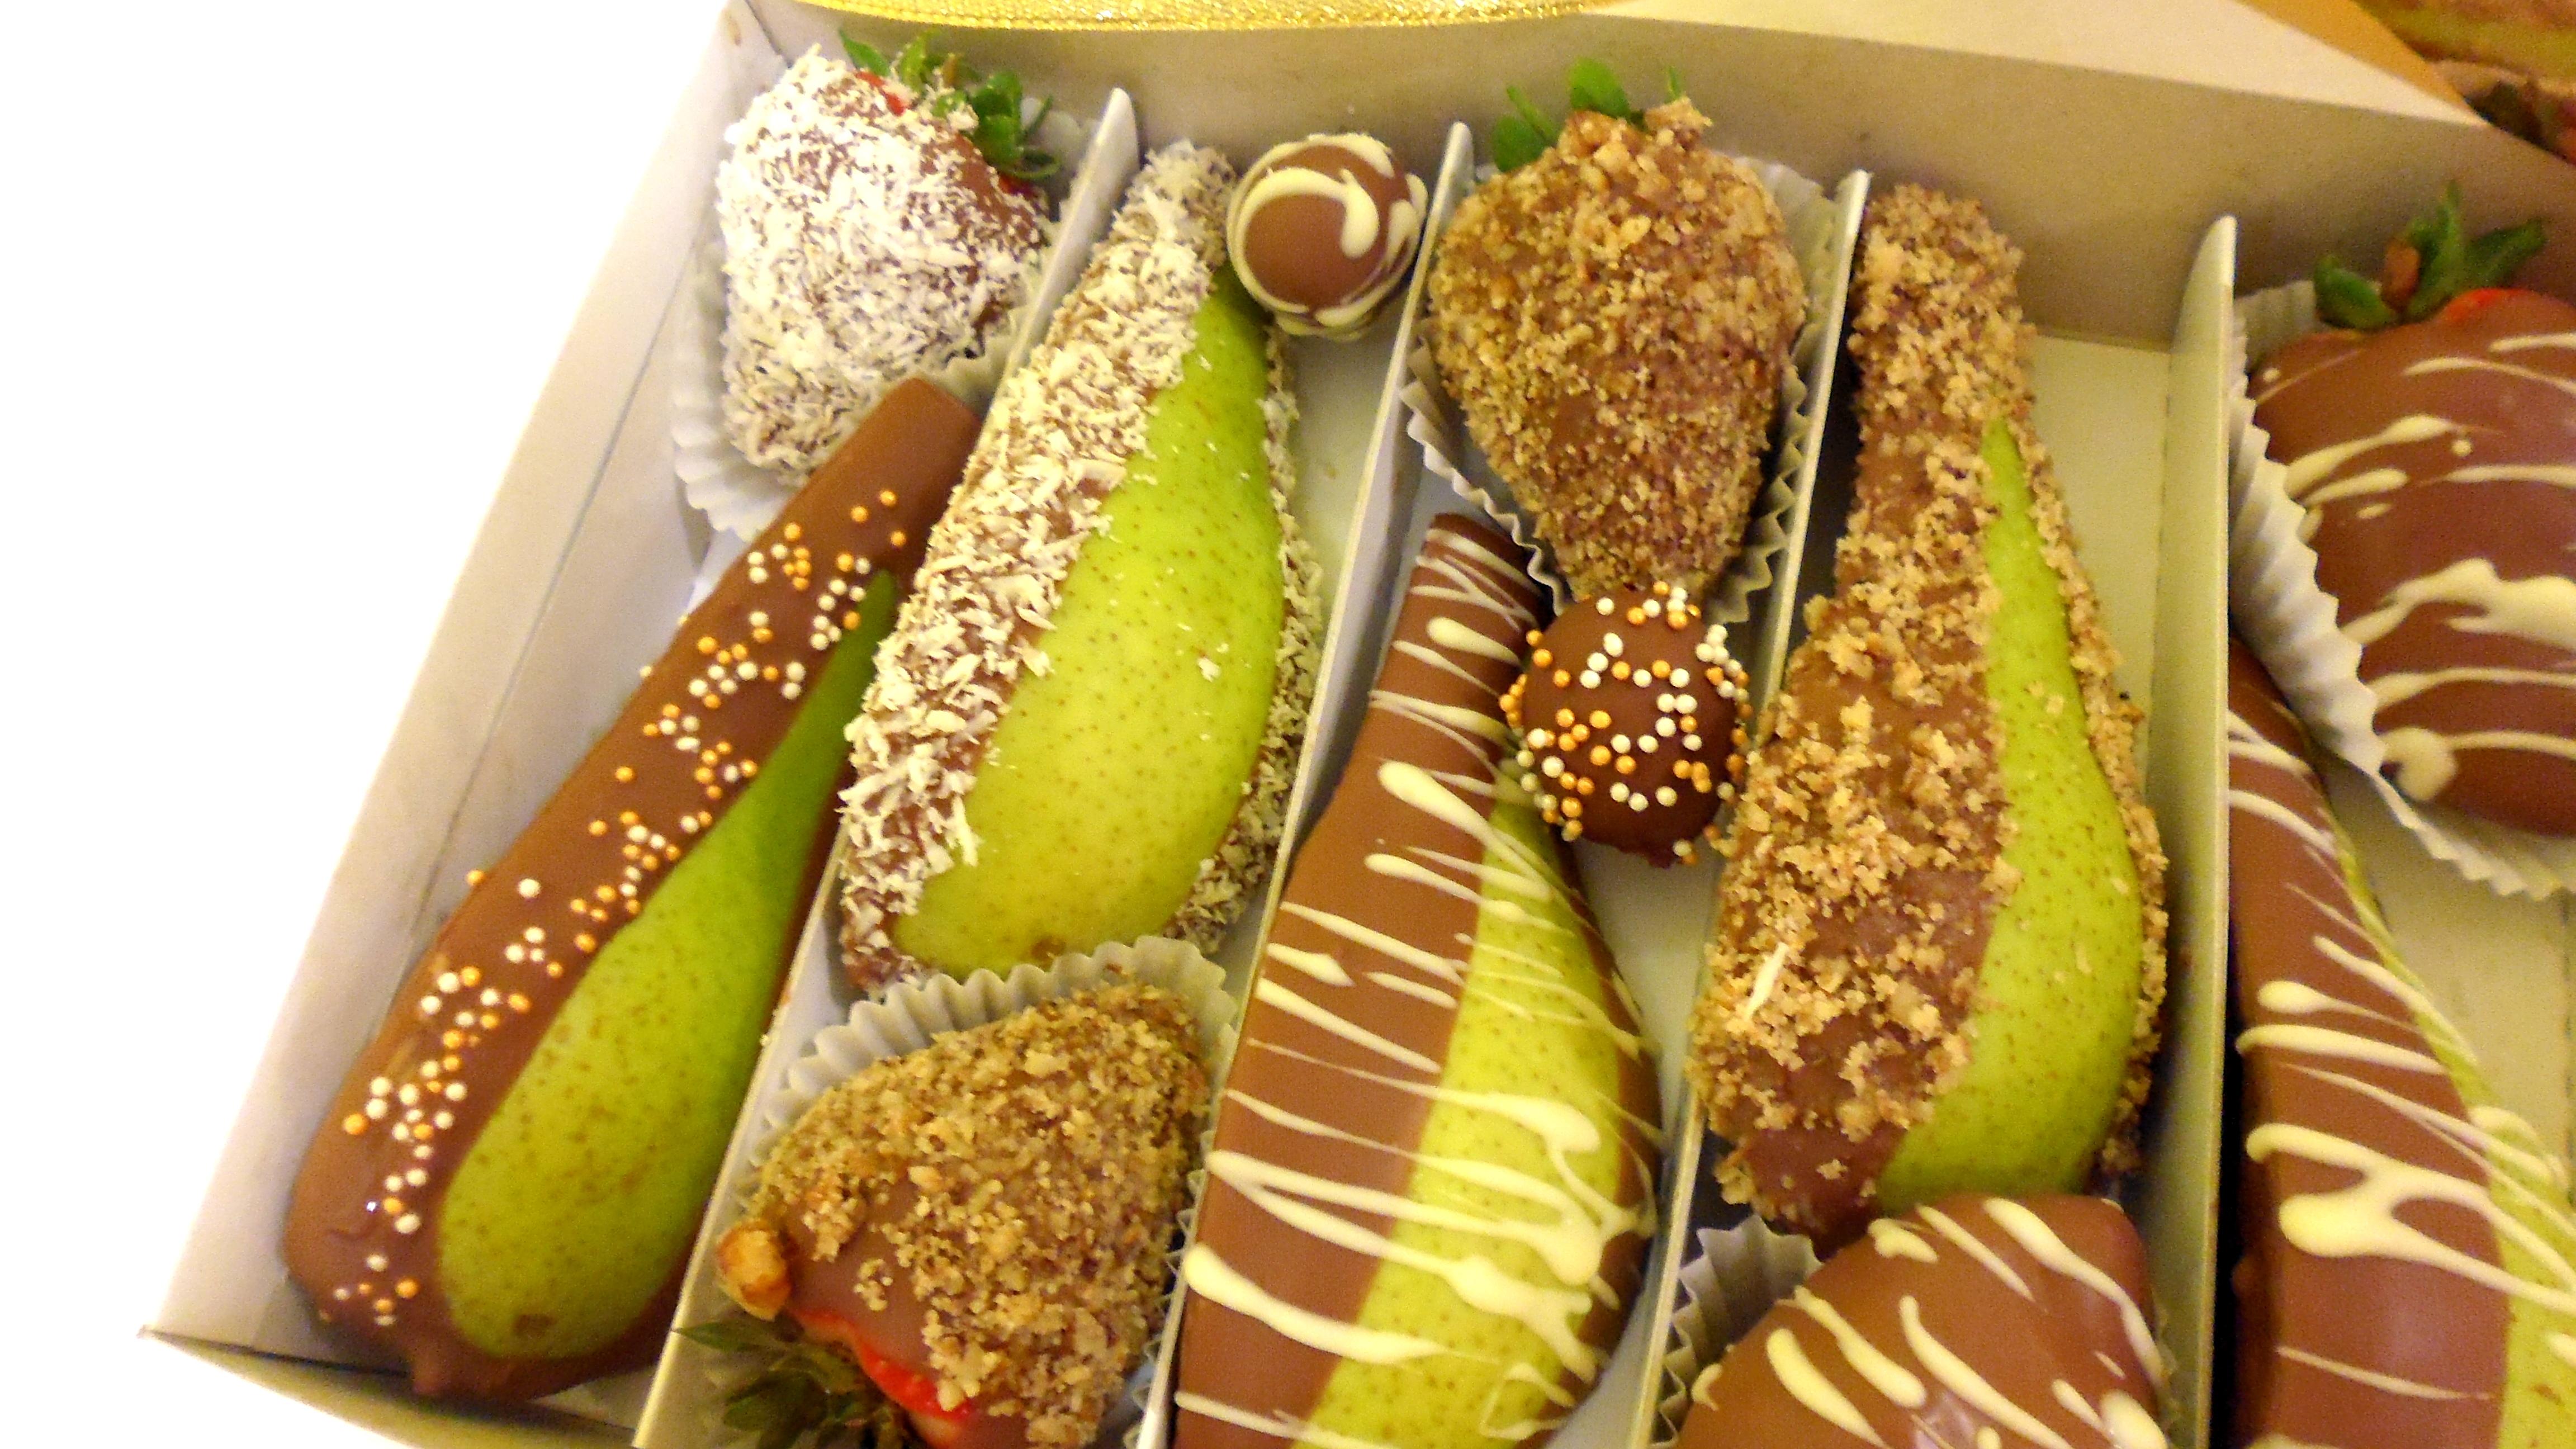 92a2e1d79 Veľmi efektne a štýlovo, na oslavách či svadbách pôsobí ovocie v čokoláde  naaranžované na 3 poschodovom stojane zlatej či striebornej farby.